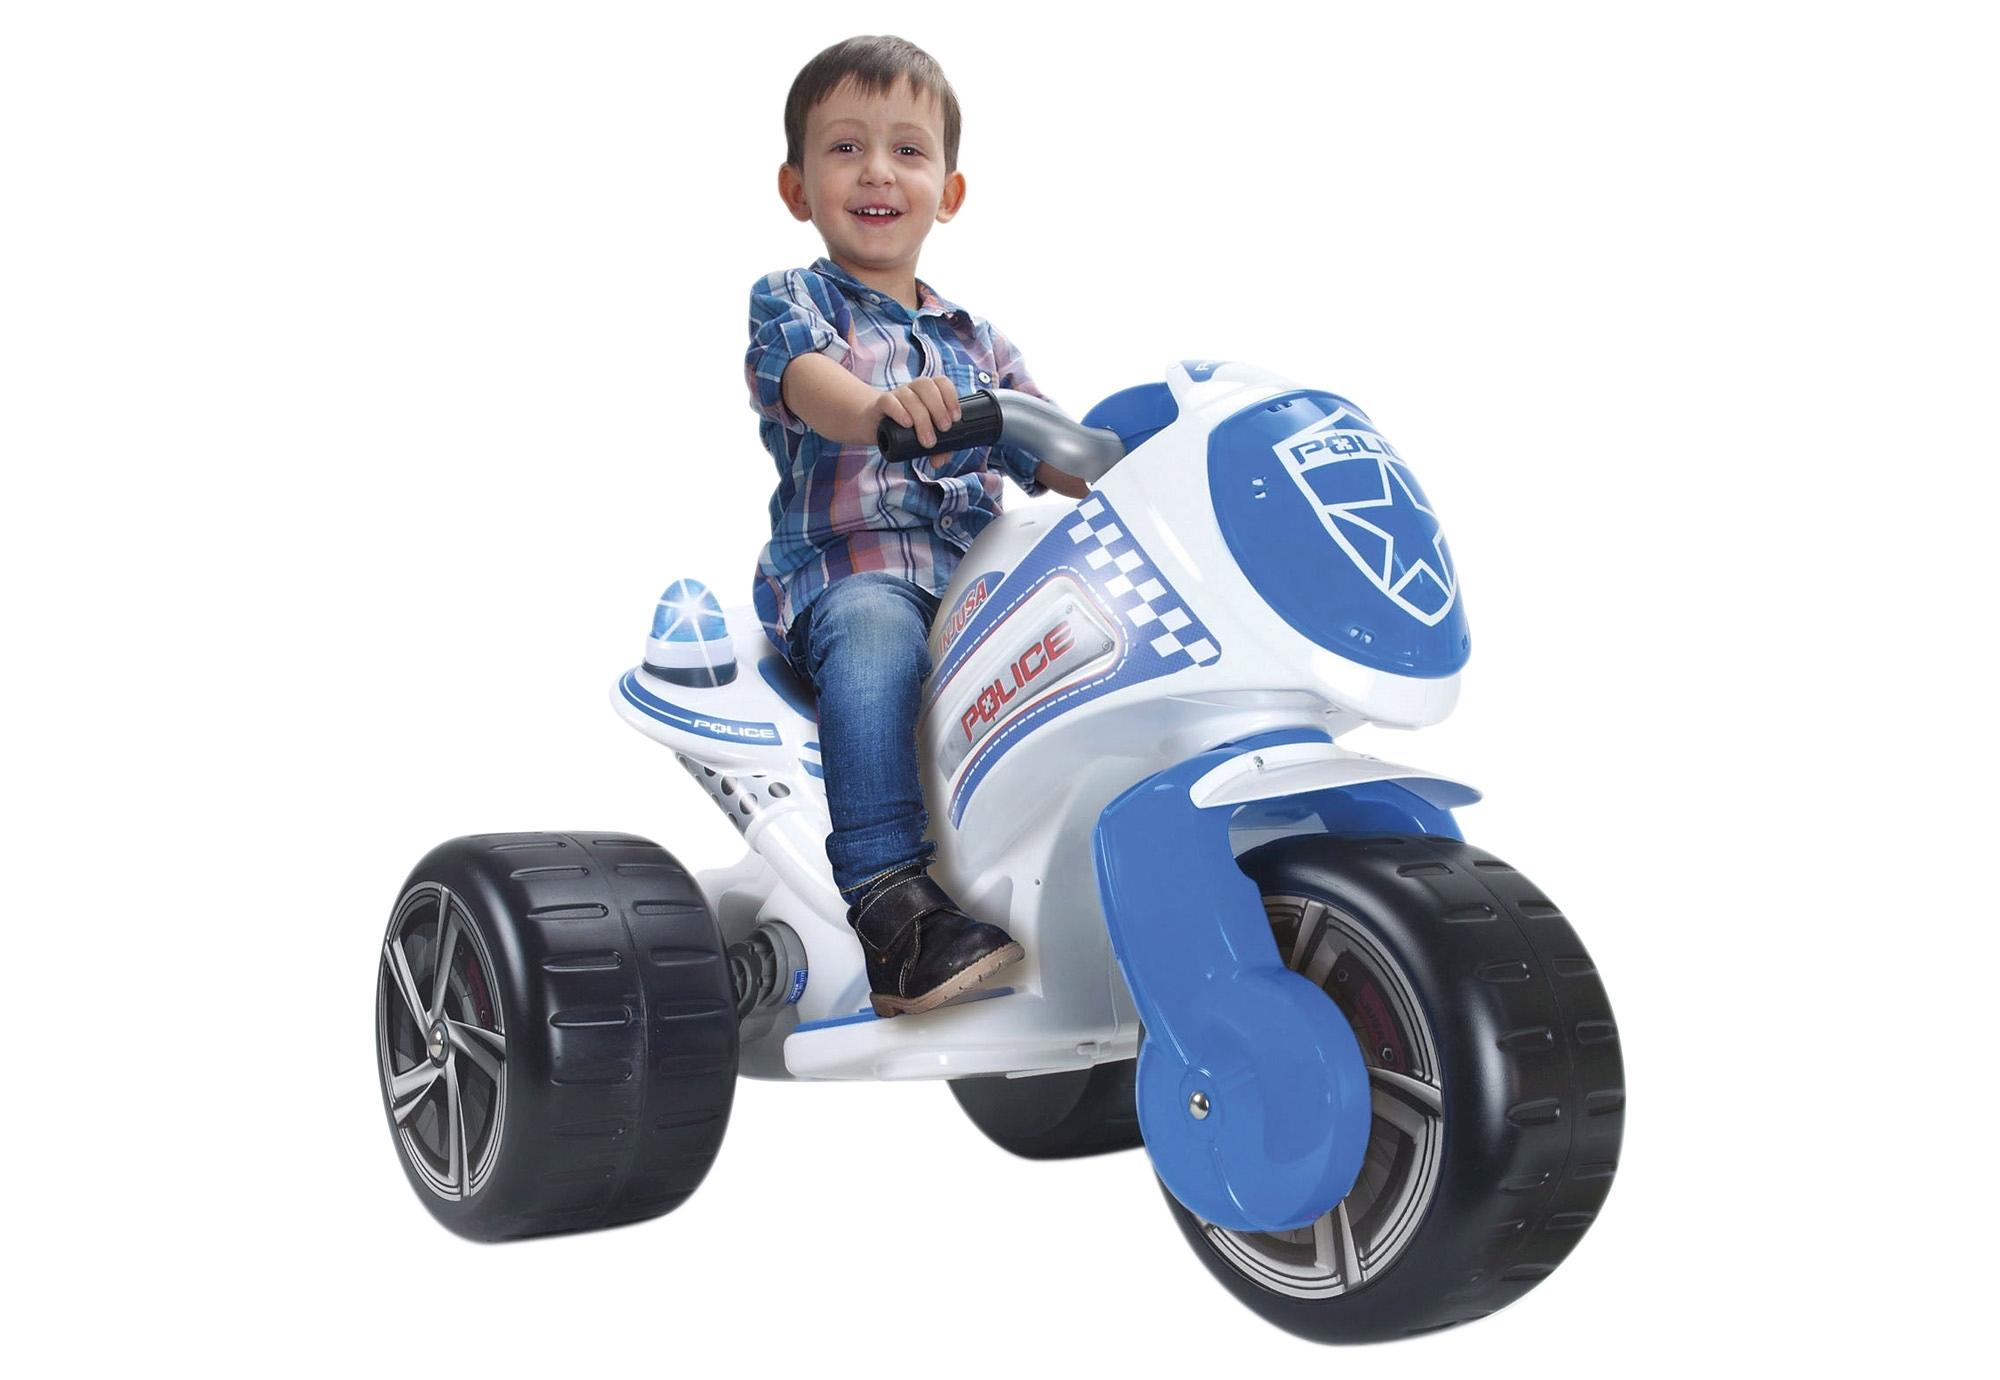 INJUSA elektro-motorfiets »Police XL« nu online kopen bij OTTO